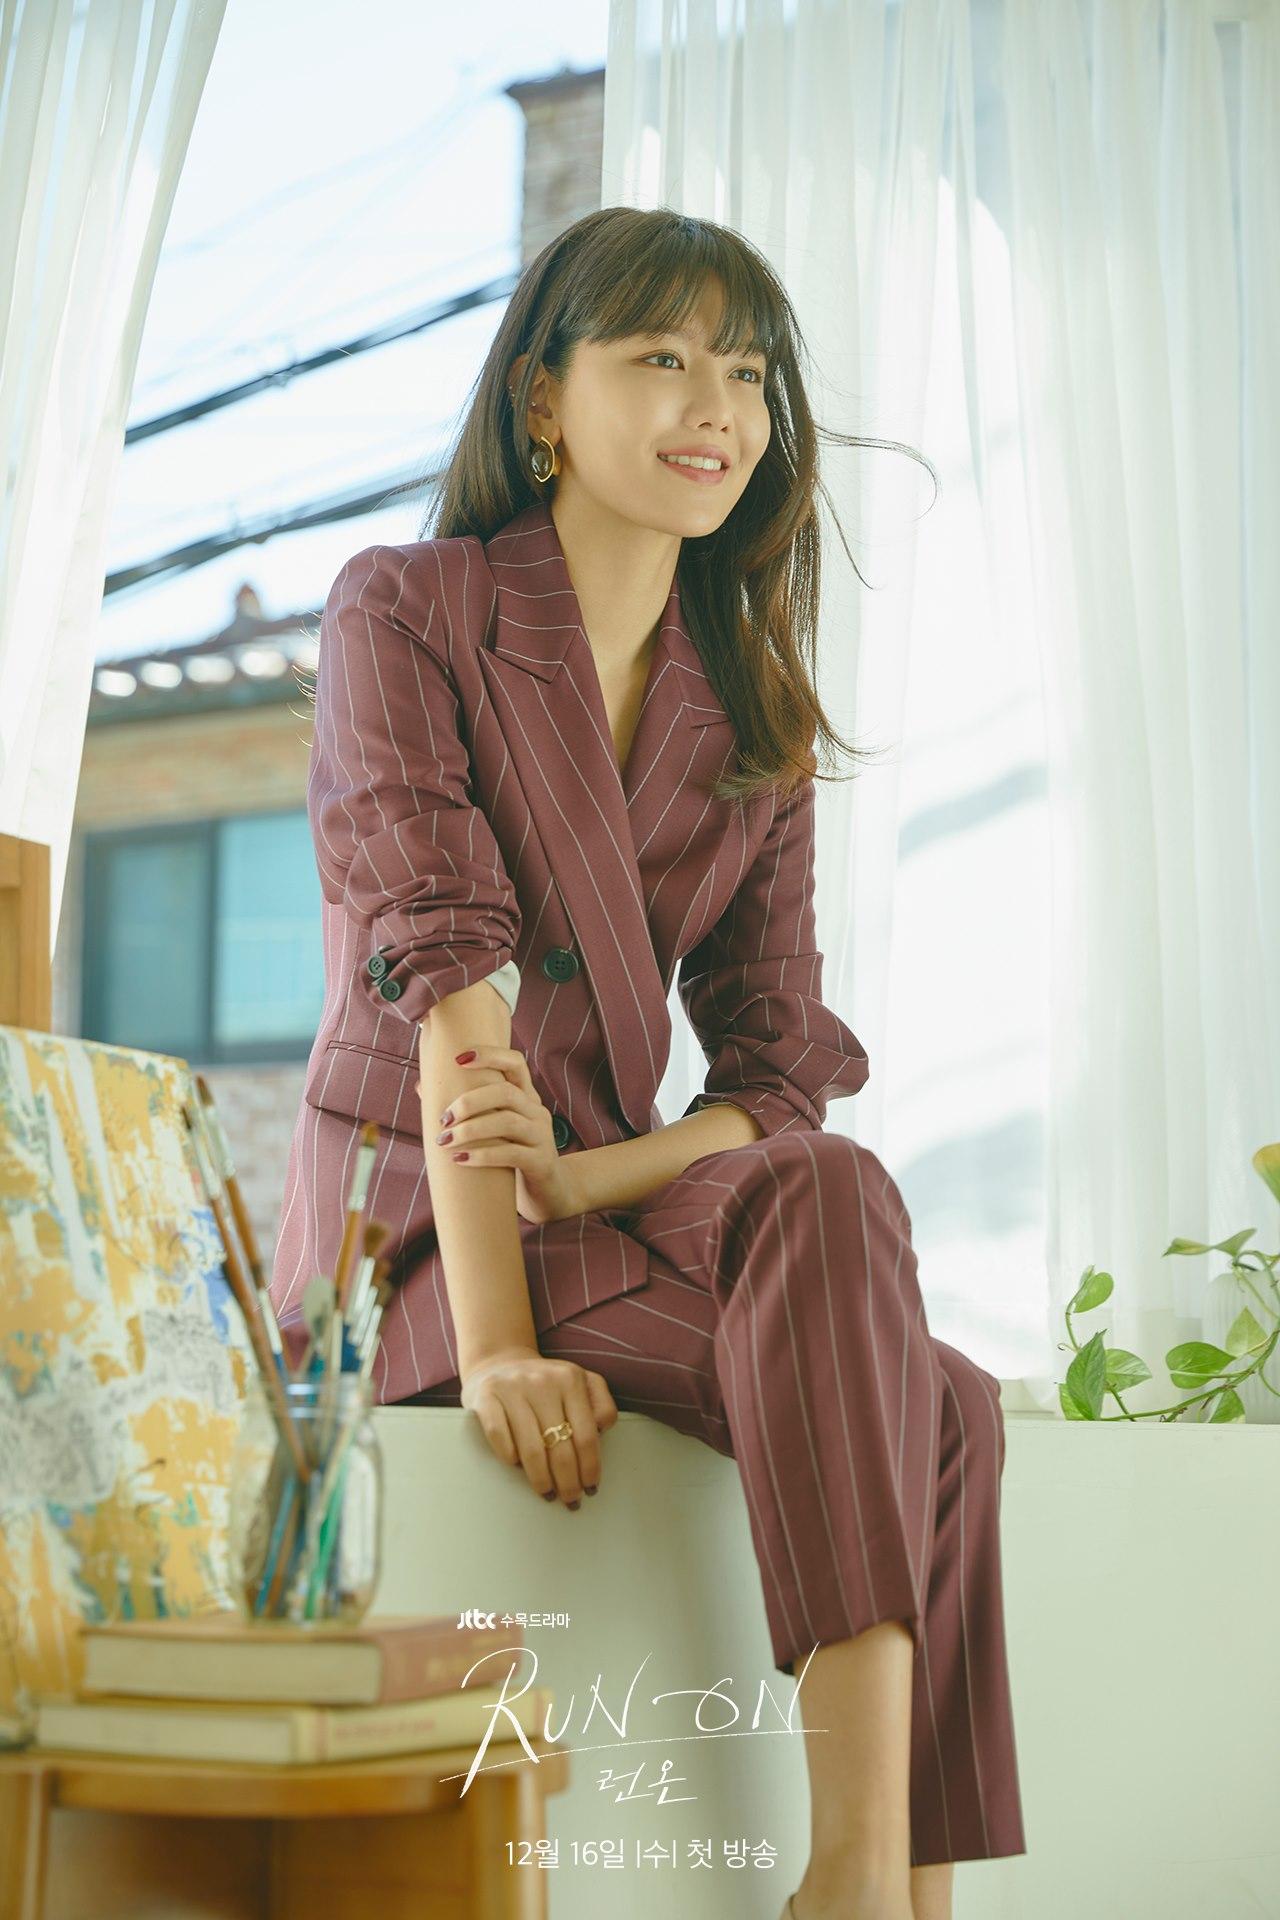 11 outfit công sở hot nhất trong các drama Hàn: Đơn giản và chuẩn thanh lịch, xua tan nỗi lo mặc xấu khi đi làm - Ảnh 9.